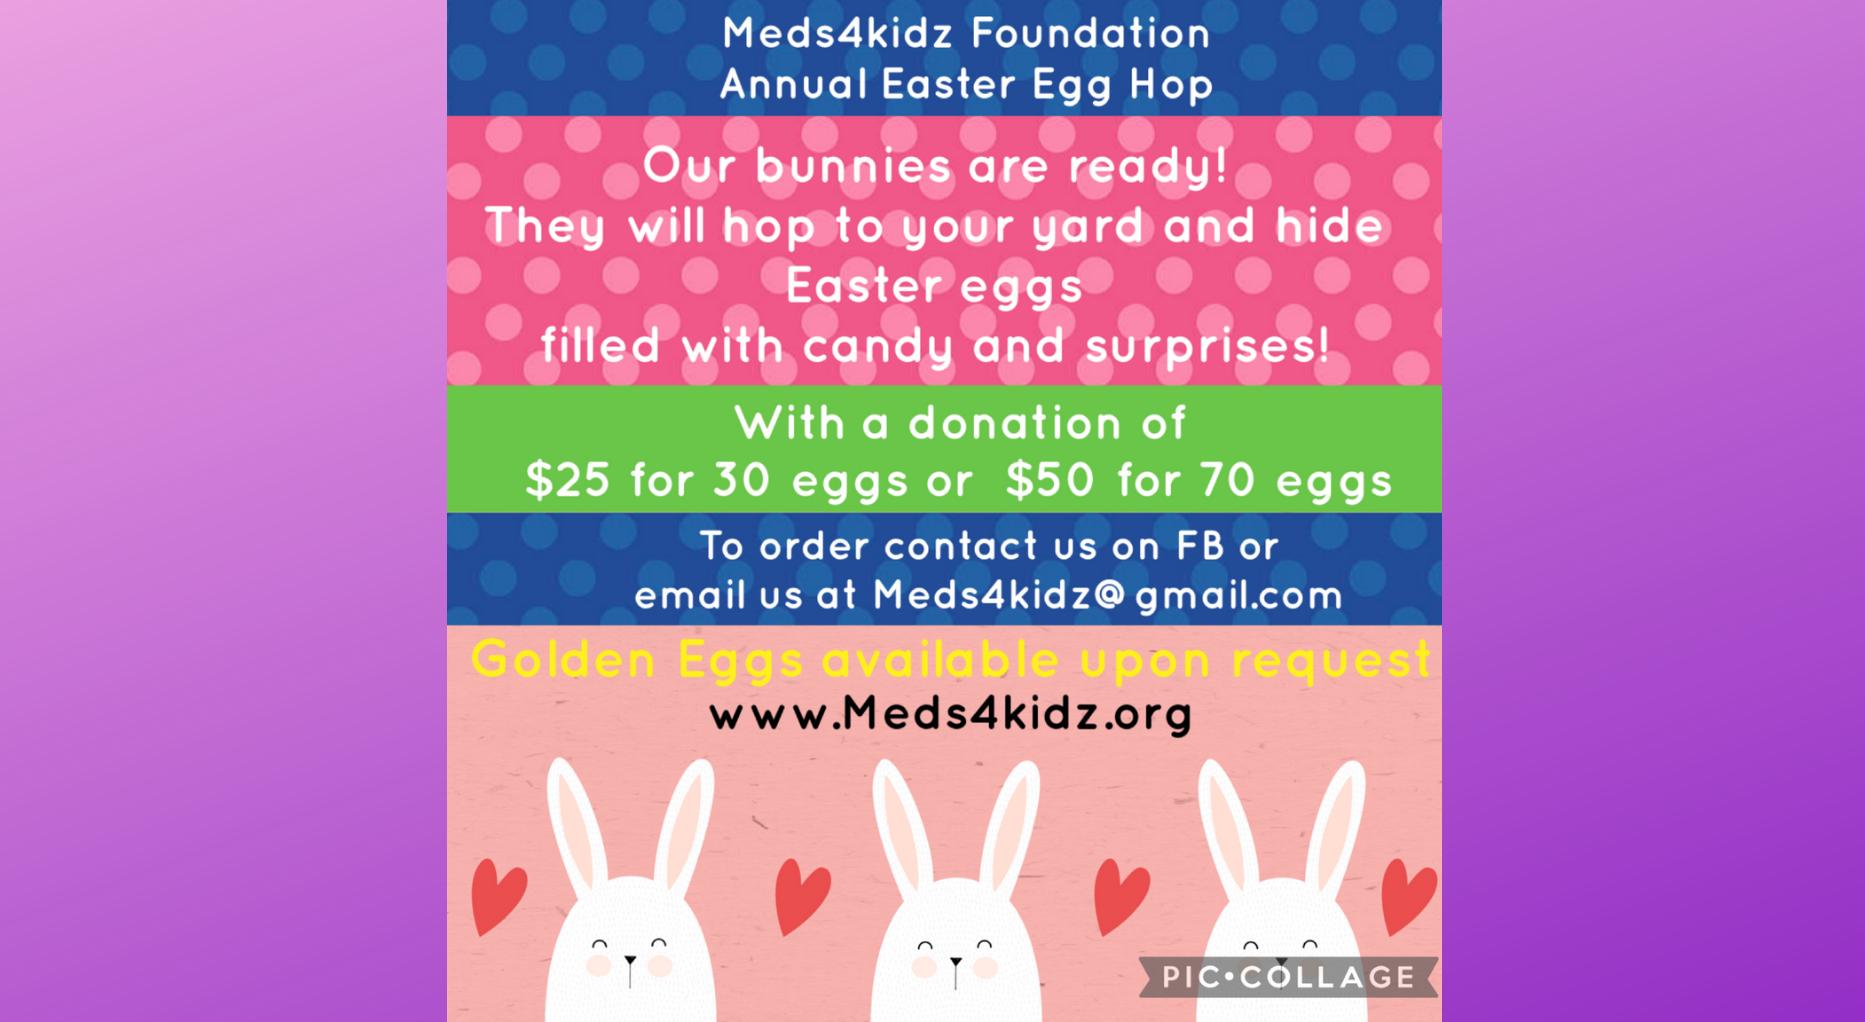 Easter Egg Hop - Register Here